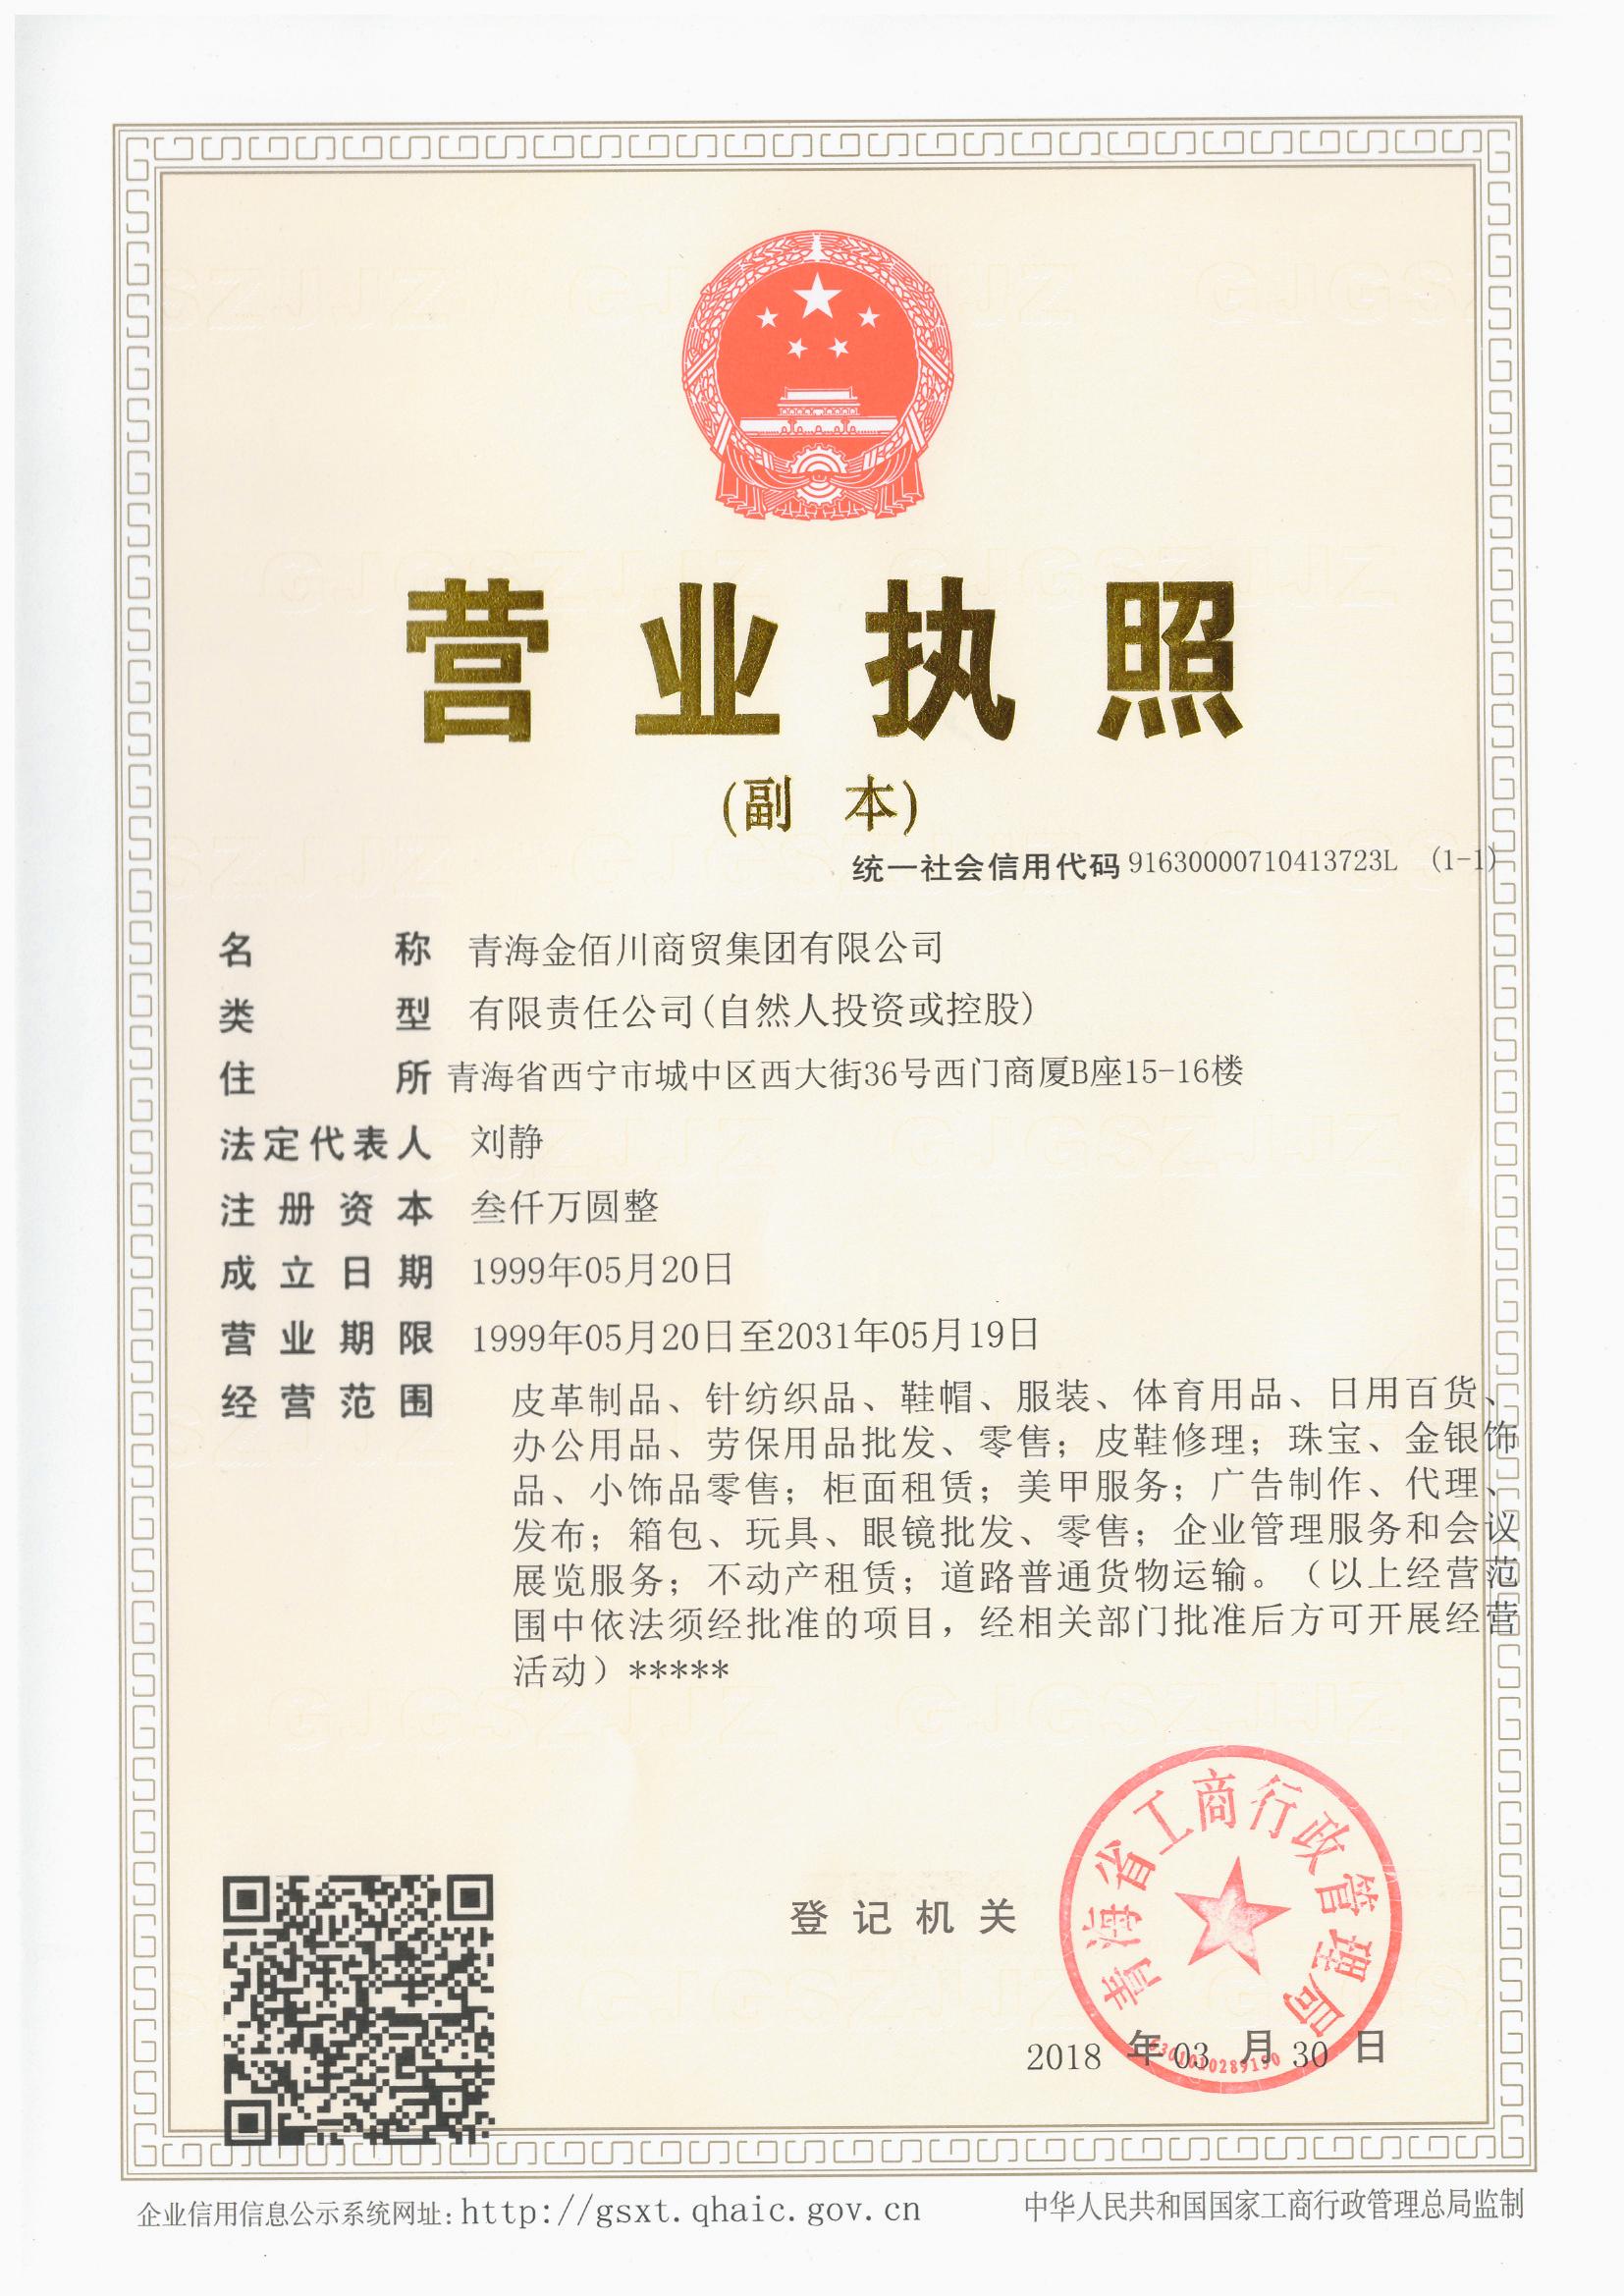 金佰川商贸集团有限公司企业档案